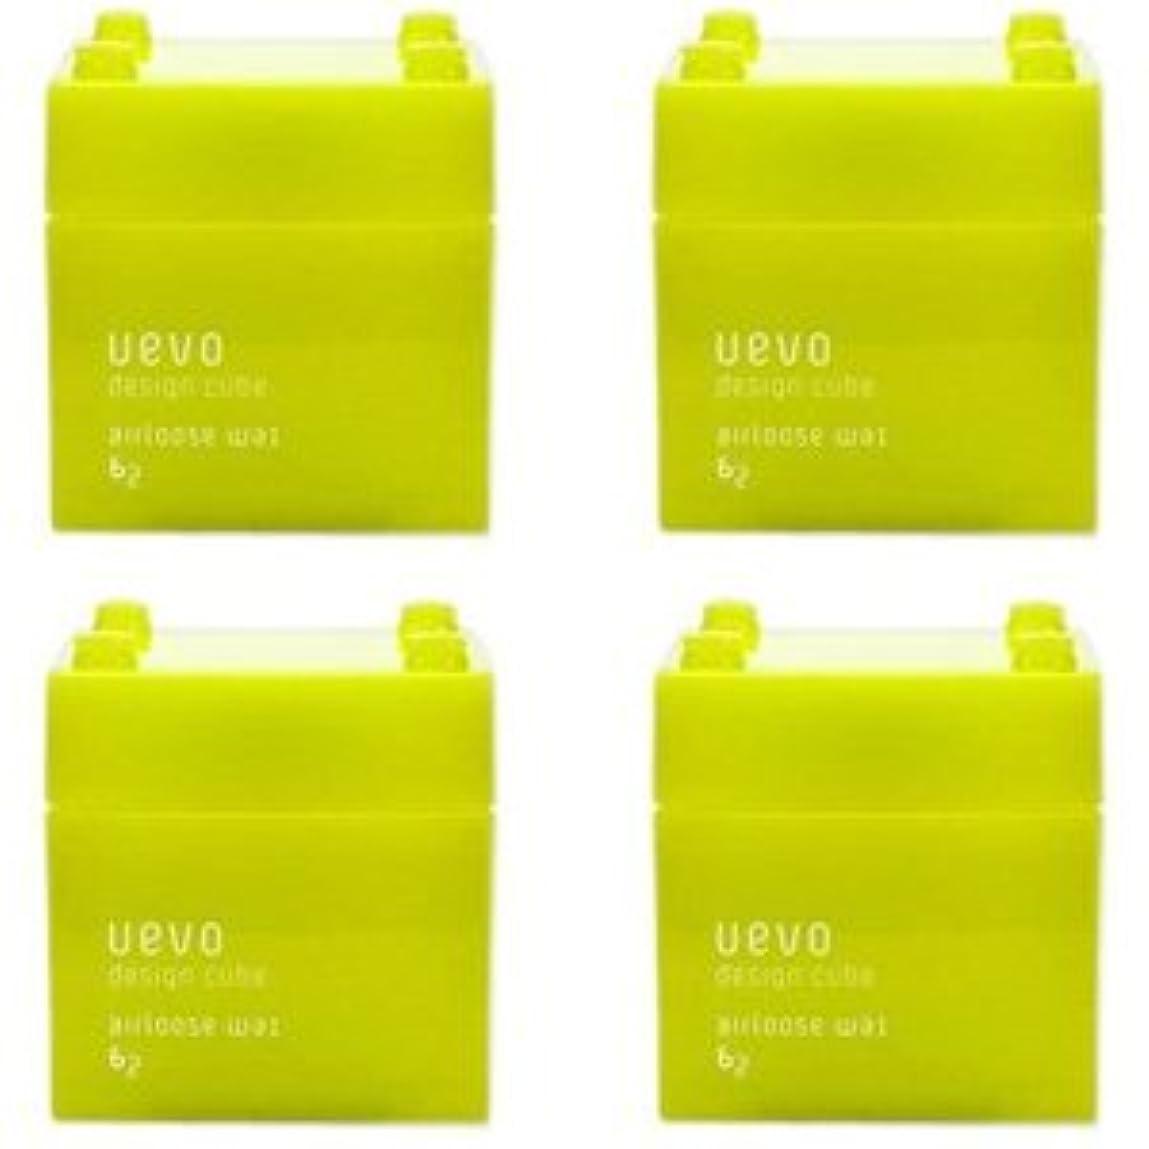 酸スキームわかる【X4個セット】 デミ ウェーボ デザインキューブ エアルーズワックス 80g airloose wax DEMI uevo design cube